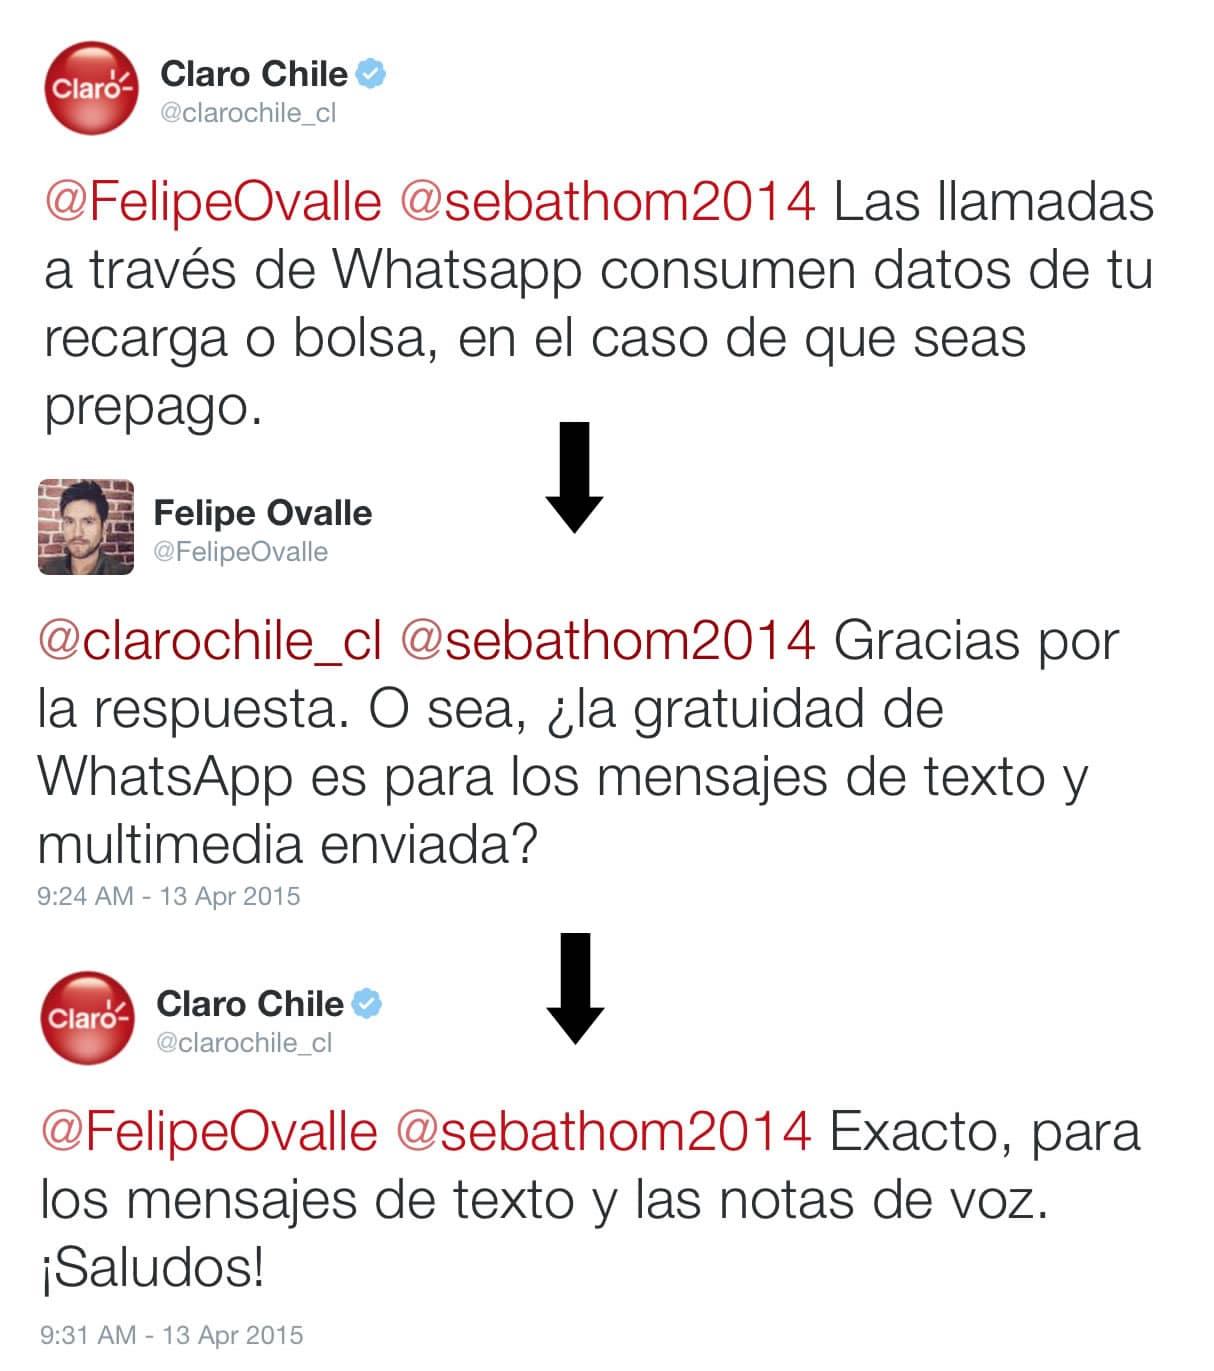 Llamadas de voz en Claro Chile. Ellos explican que no corren en su promoción.